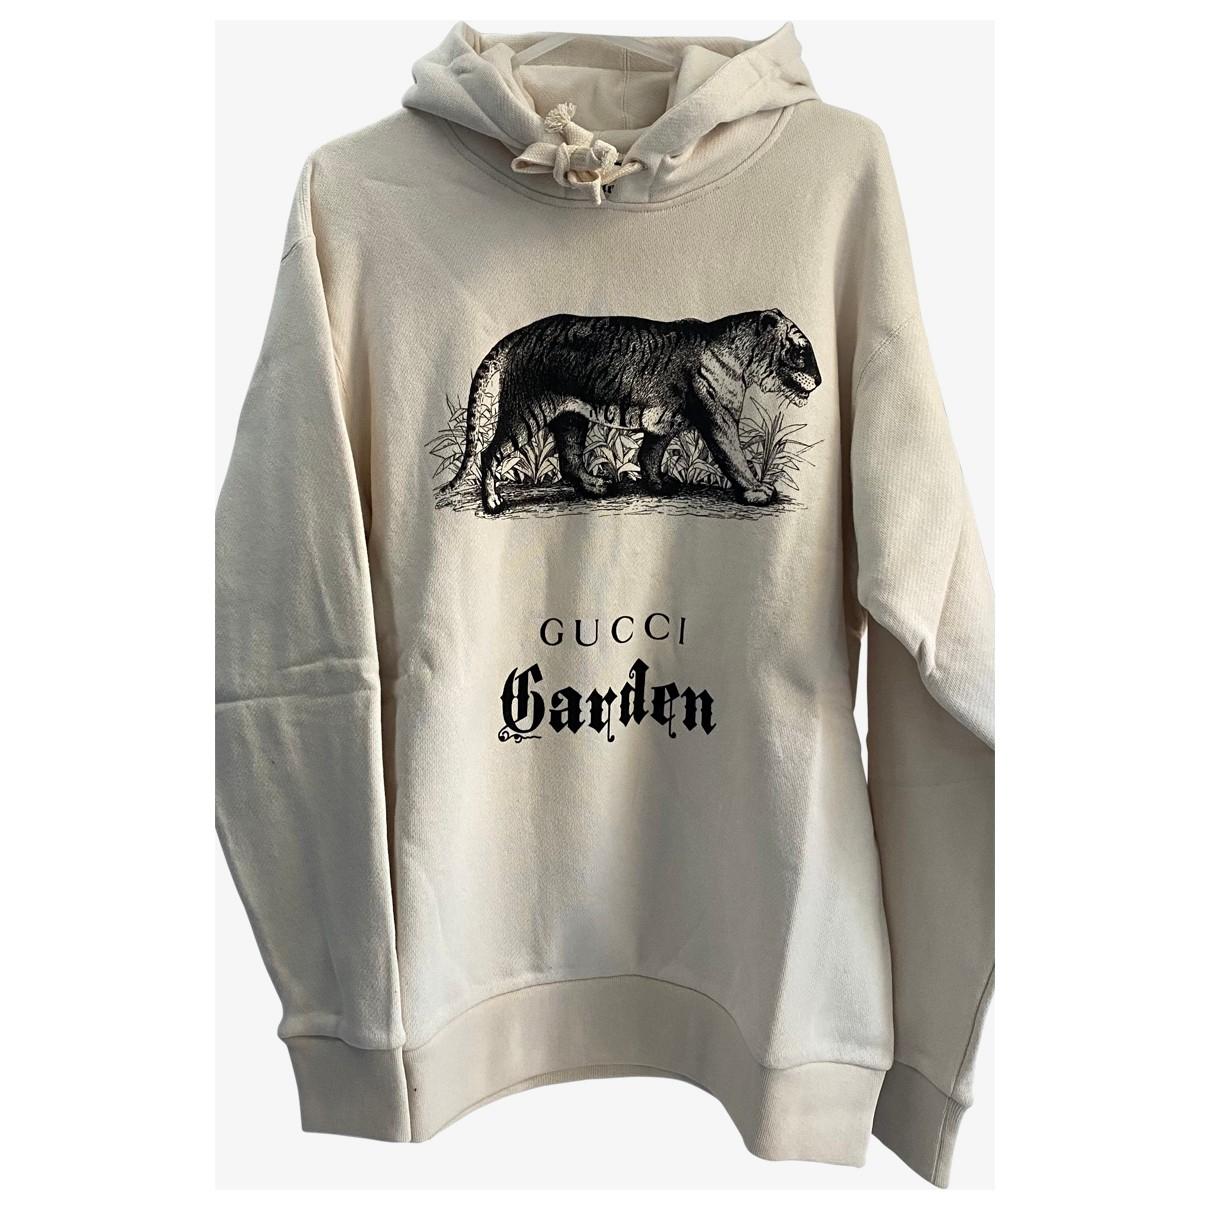 Gucci N Beige Cotton Knitwear for Women M International